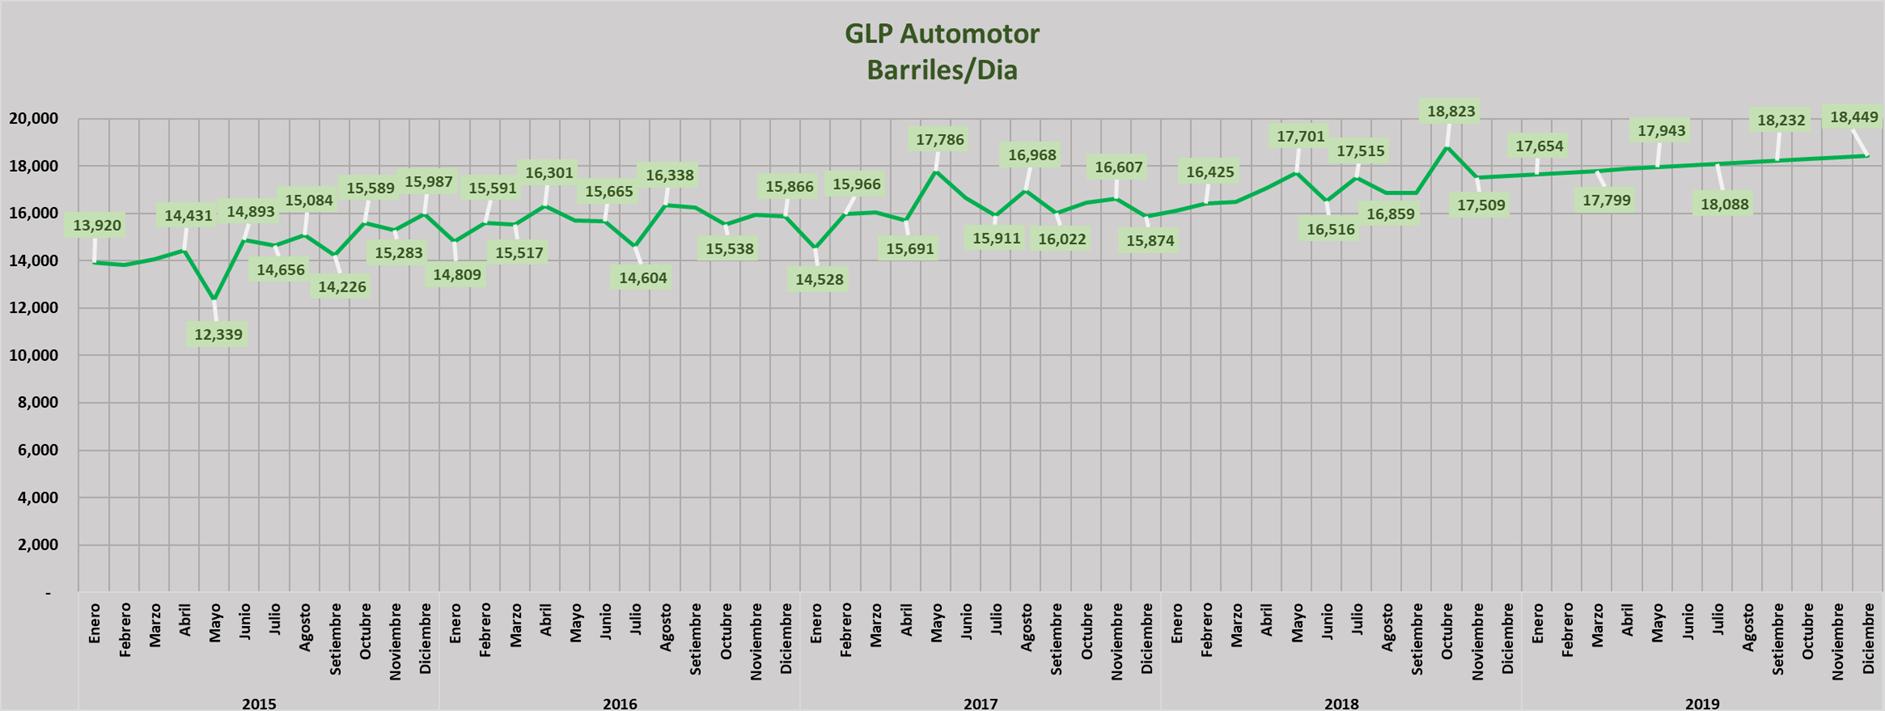 GLP automotor